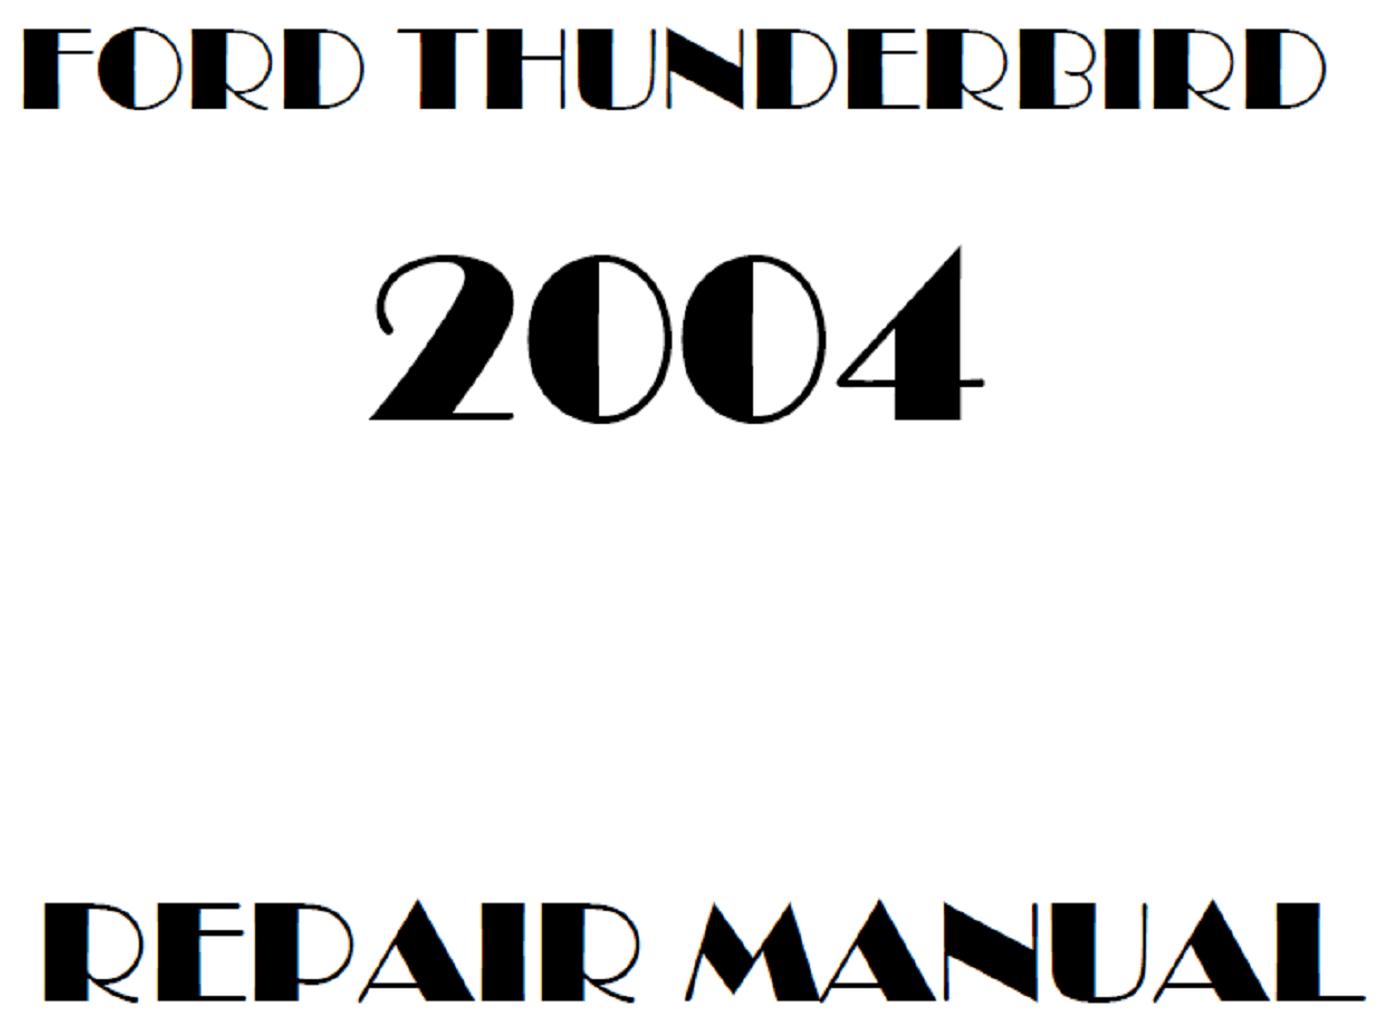 2004 Ford Thunderbird repair manual